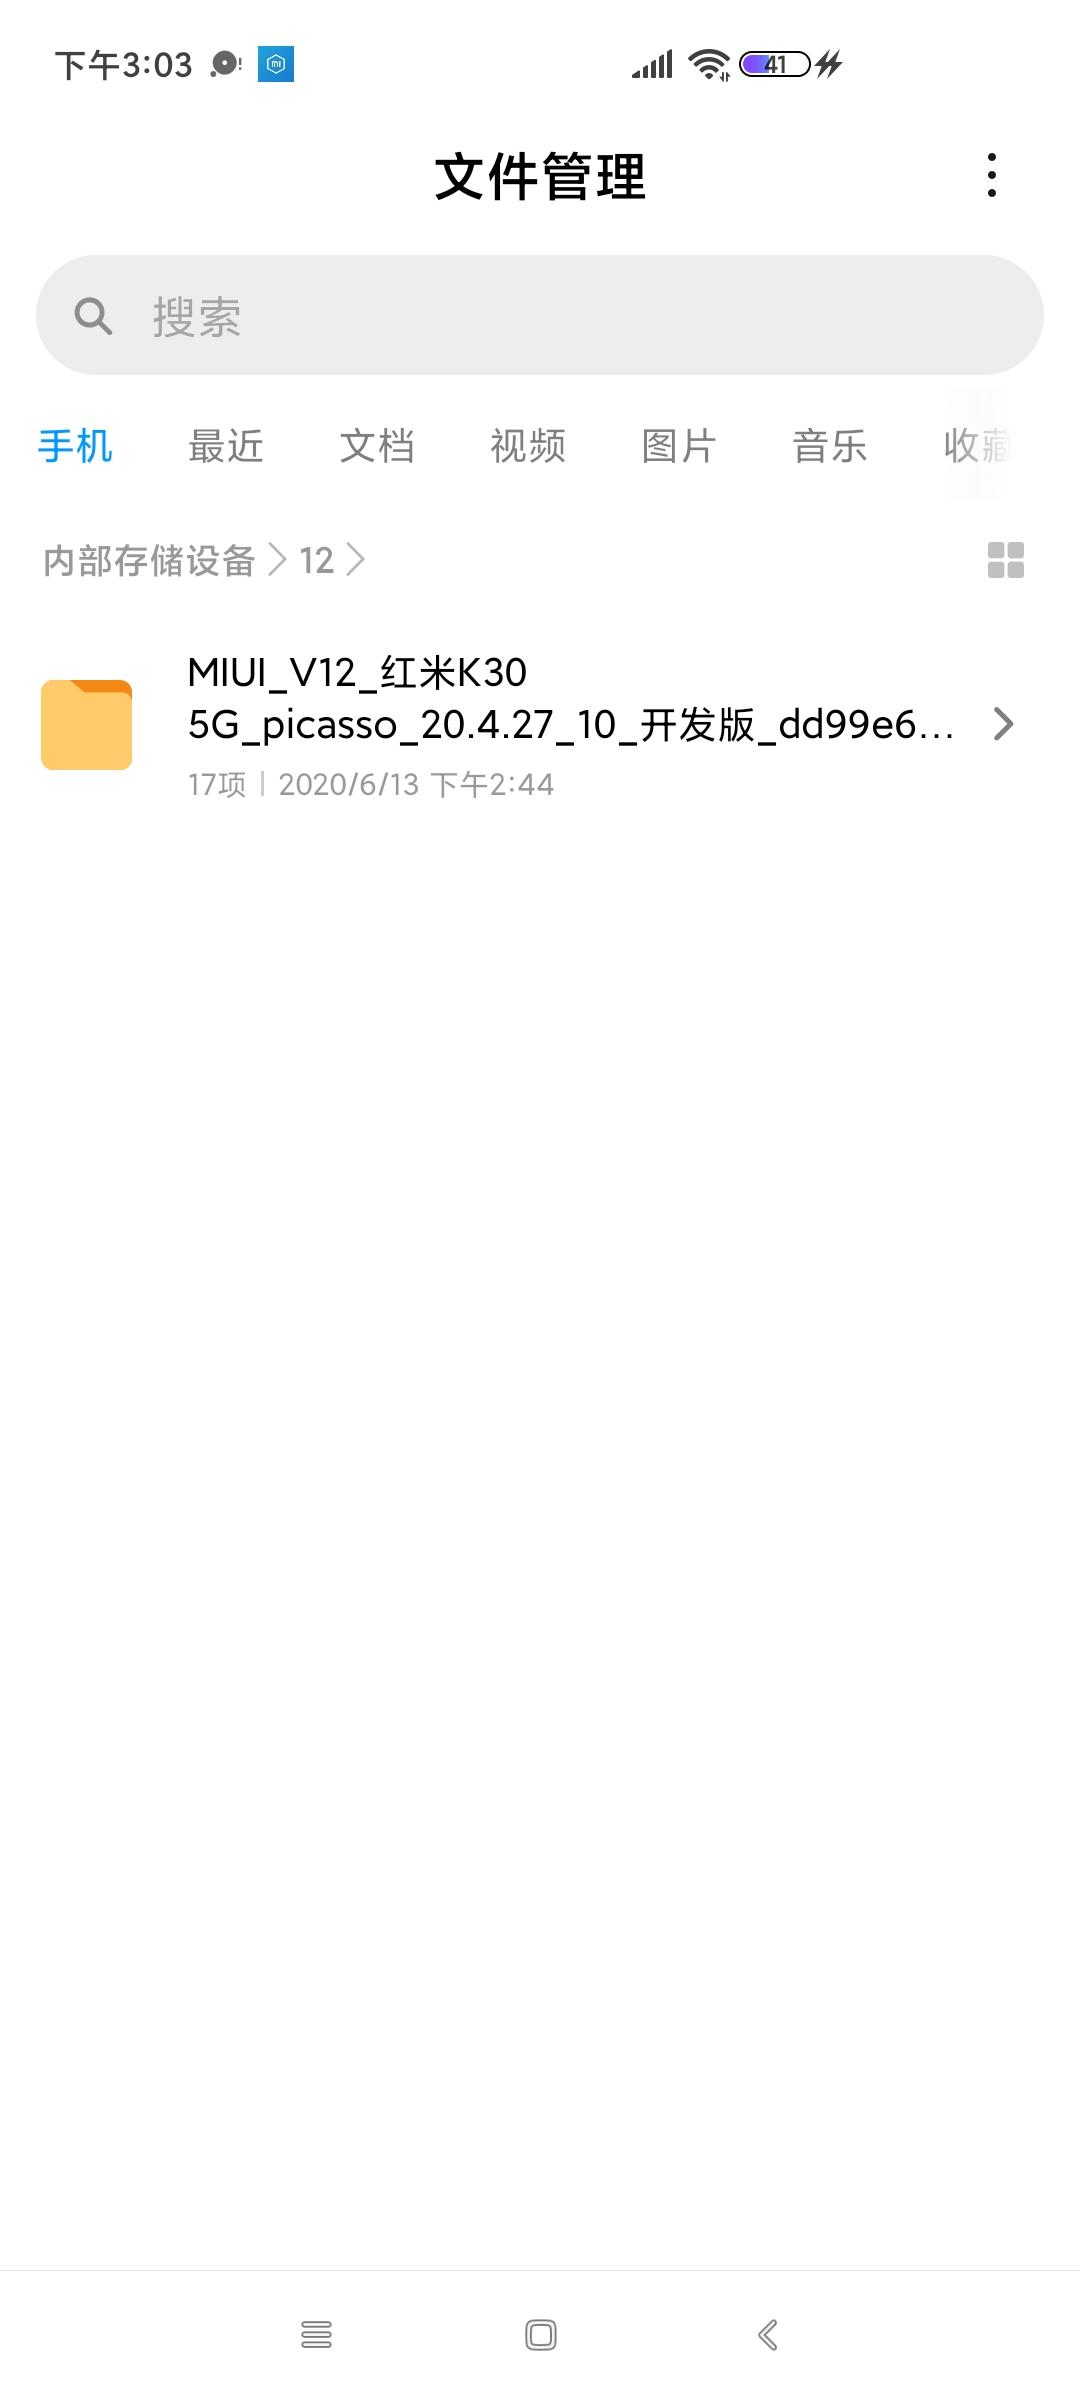 下载了MIUI12安装包不会刷哪个位大神会